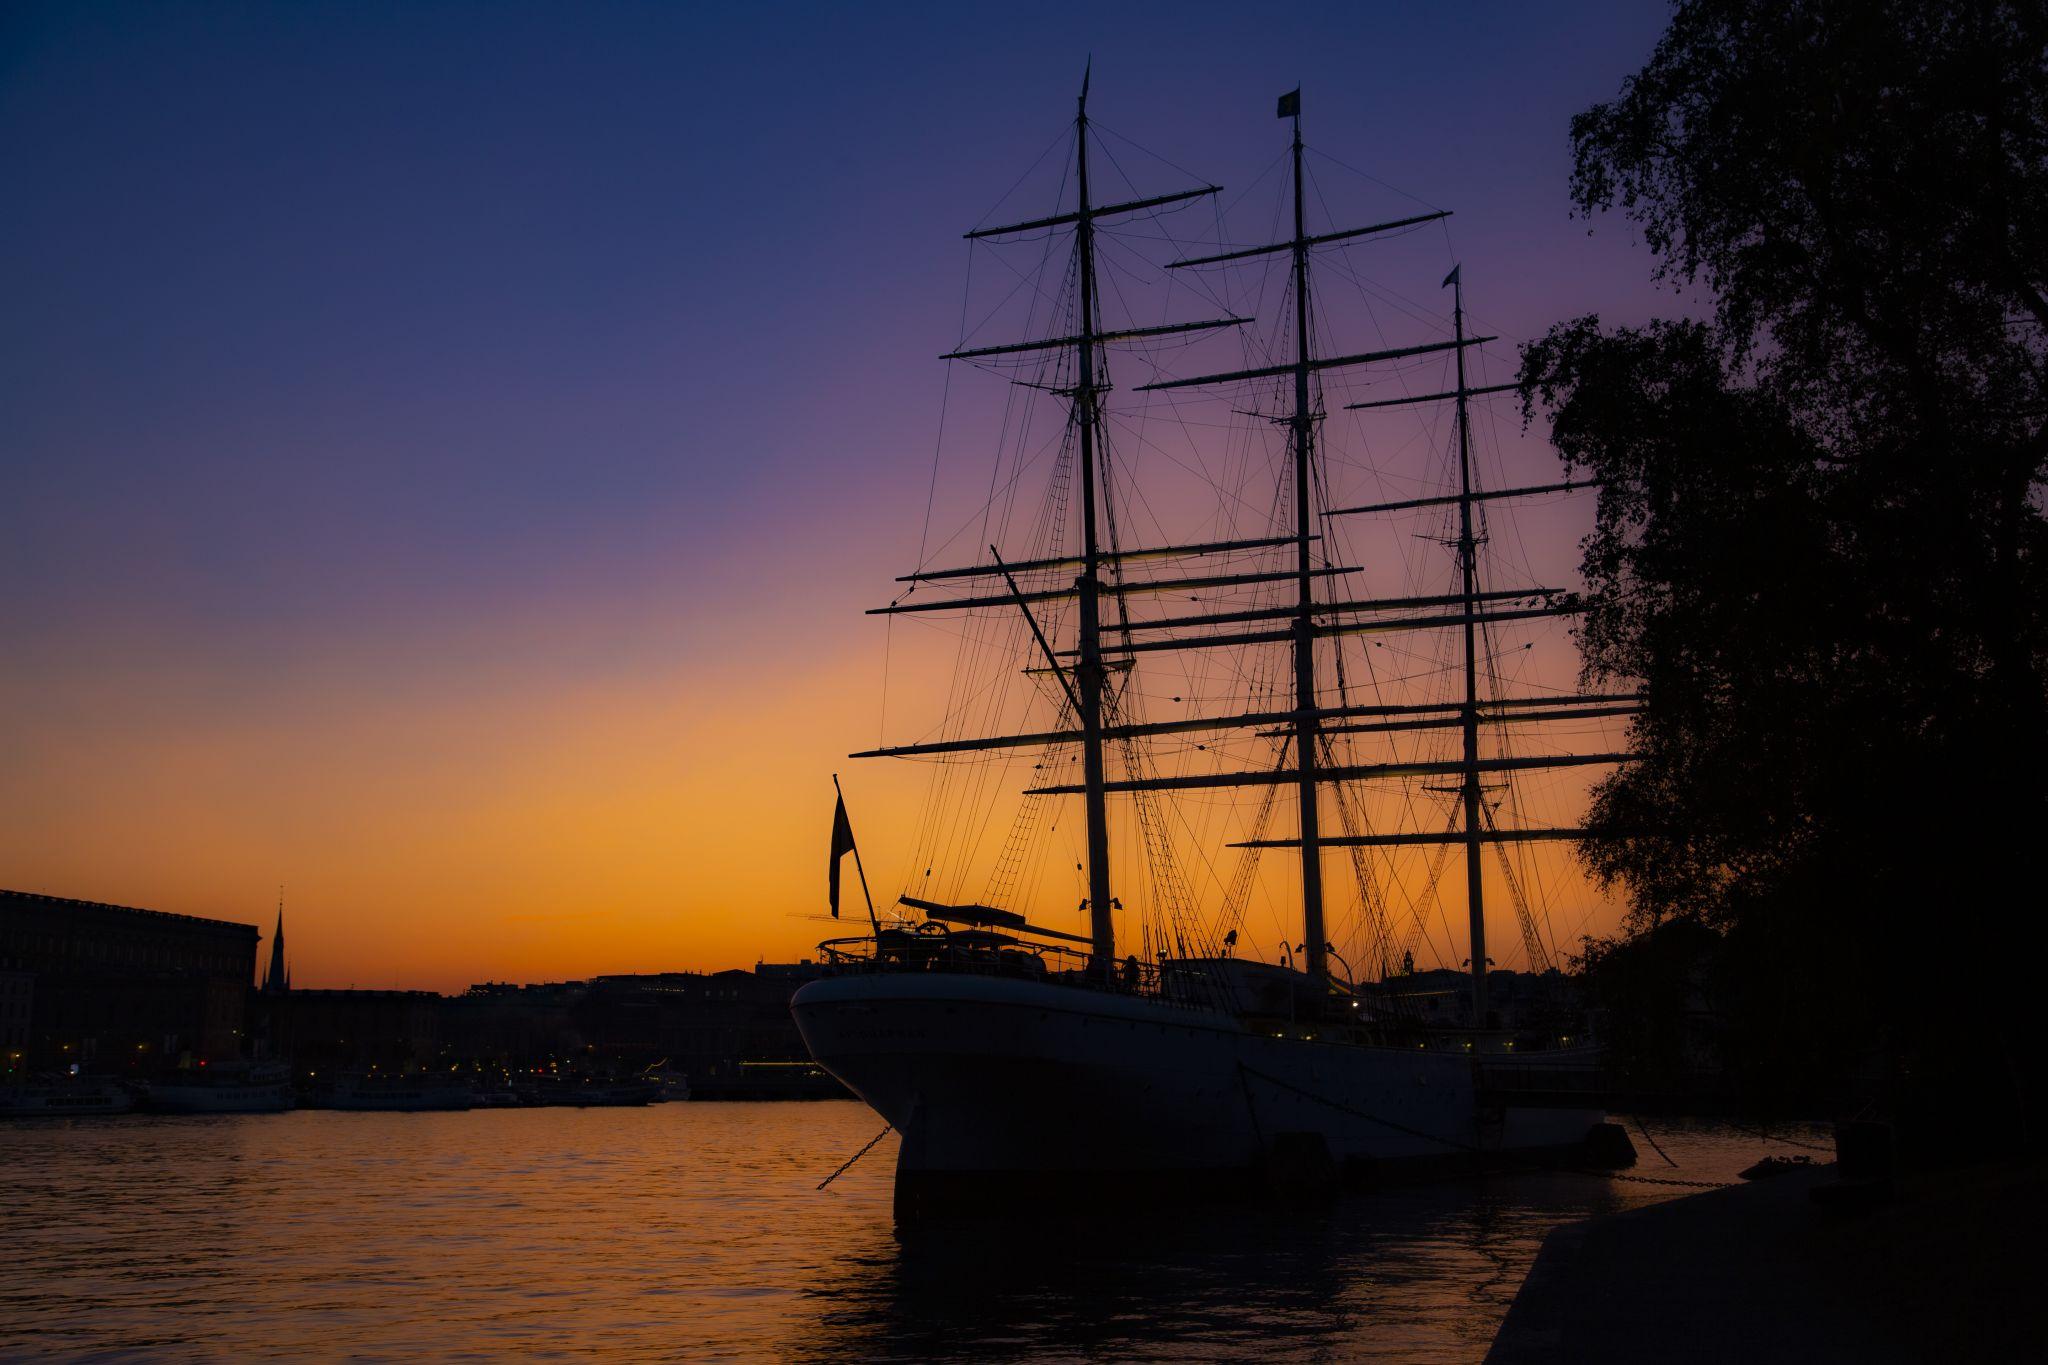 HMS Chapman, Sweden